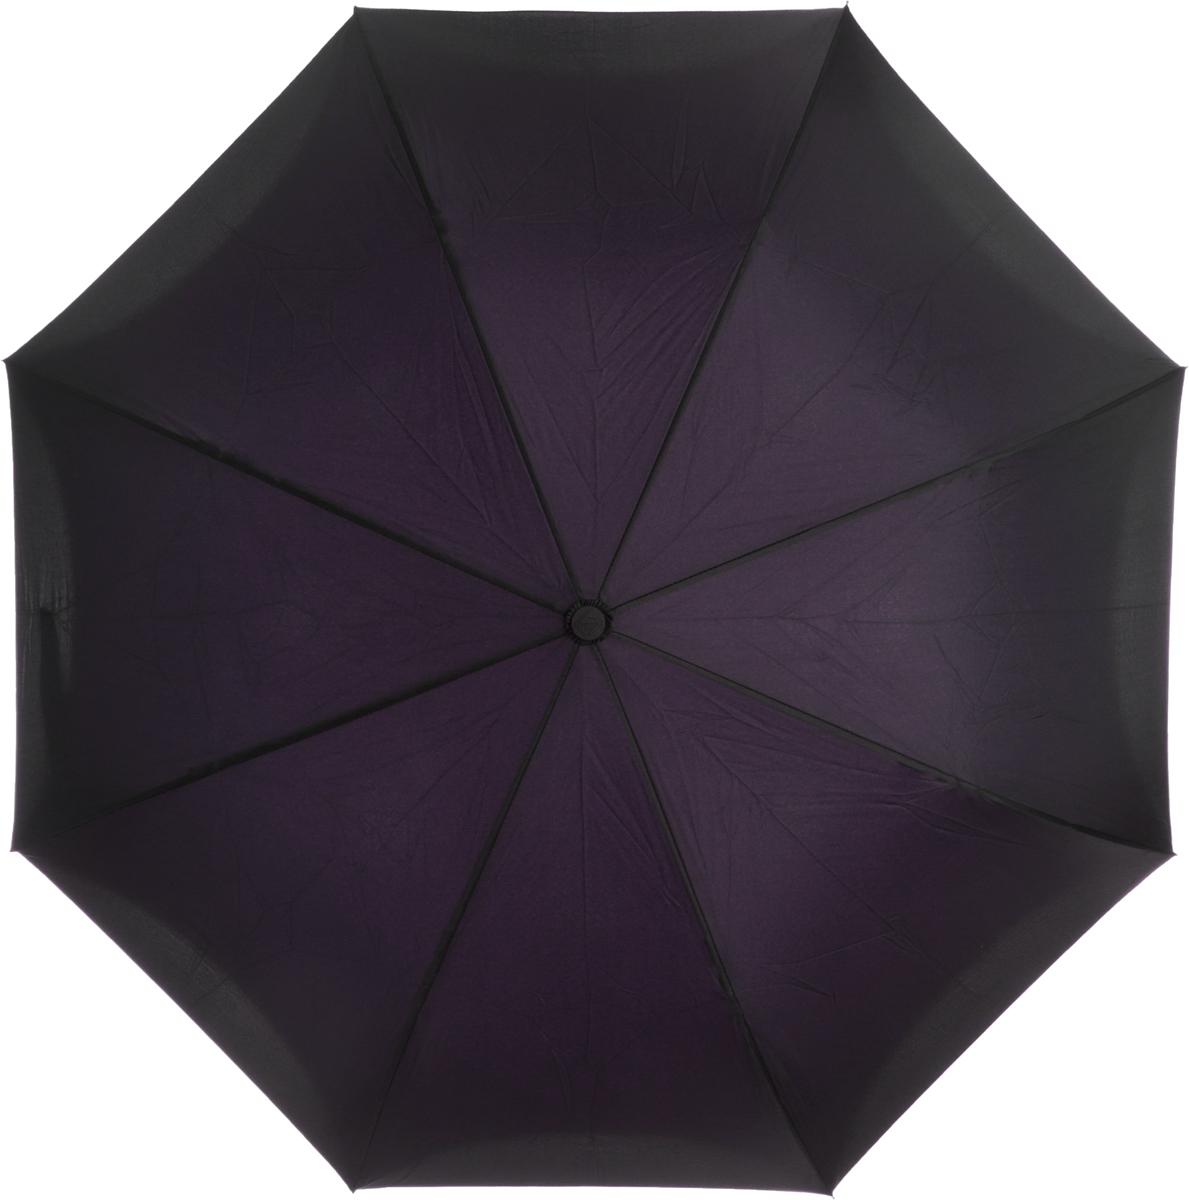 Зонт-трость женский Flioraj, механика, цвет: фиолетовый. 120005 FJКолье (короткие одноярусные бусы)Оригинальный зонт-трость Flioraj надежно защитит вас от дождя. Зонт складывается внутренней (сухой) стороной наружу, избавляя владельца от контакта с мокрой поверхностью. Приходя в незнакомое место у Вас не будет неловкого момента от того, что некуда убрать мокрый зонт - Вы сможете спокойно высушить его позже, закончив свои дела. Зонт Miracle очень удобен для автомобилистов: садясь в машину, Вы аккуратно закрываете зонт, не уронив ни одной капли воды в салоне.Удобная ручка с гипоаллергенным покрытием Soft-Touch позволяет высвободить обе руки - Вы спокойно можете пользоваться телефоном, а зонт будет надежно держаться на Вашем запястье, защищая от капризов природы. Яркая расцветка и рисунок по внутренней части зонта поднимут Вам настроение! С таким зонтом больше ничто не испортит Ваших планов!